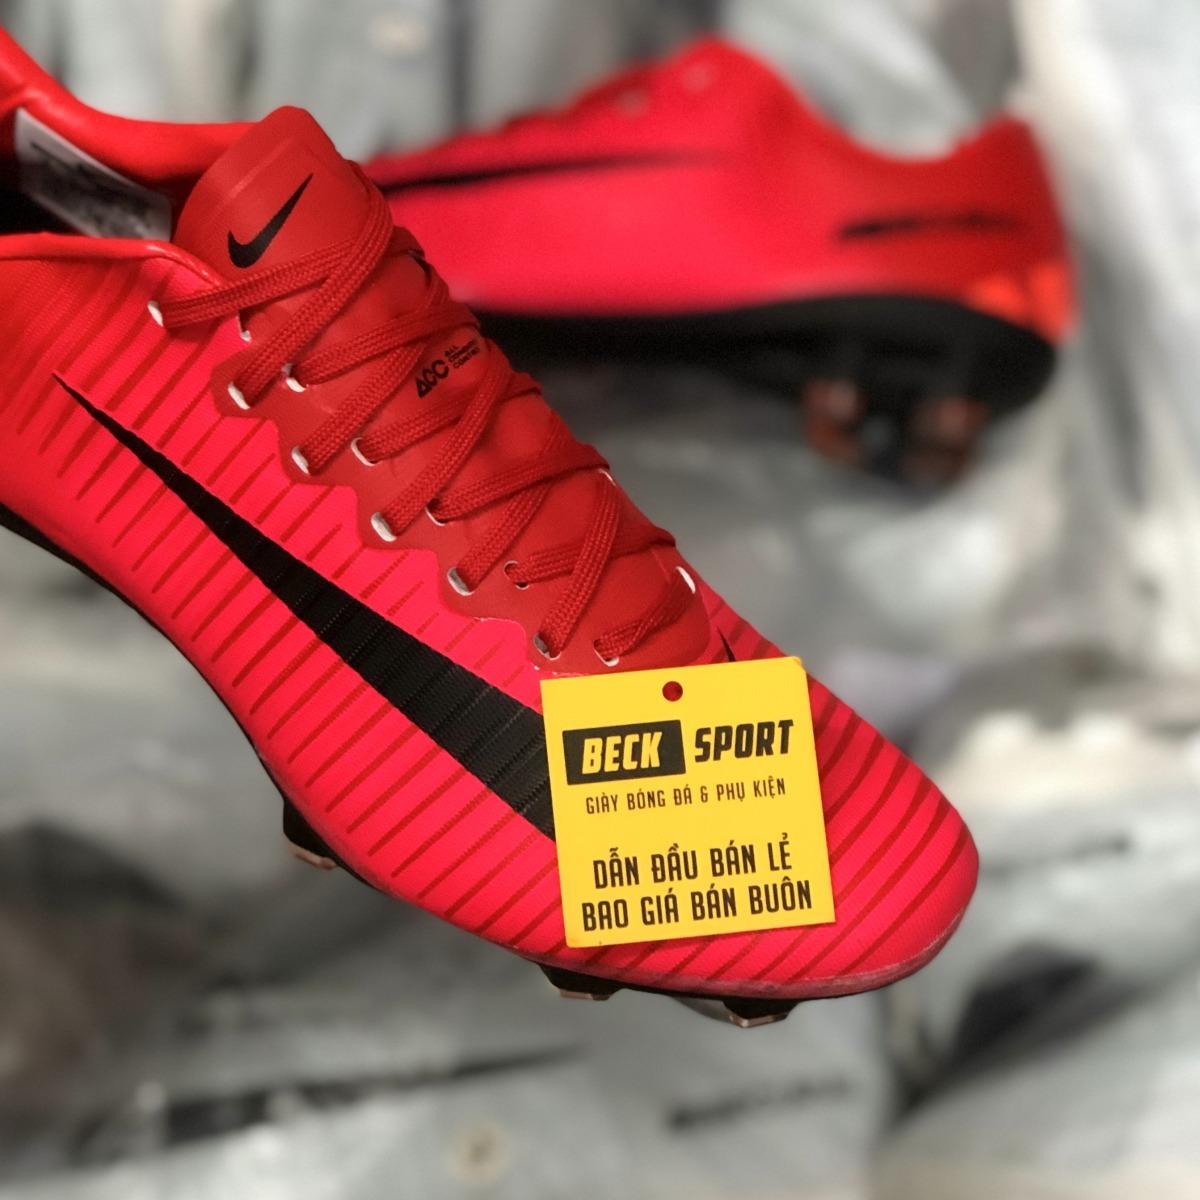 Giày Bóng Đá Trẻ Em Nike Mercurial Victory VI Đỏ Vạch Đen Lưỡi Gà Liền FG